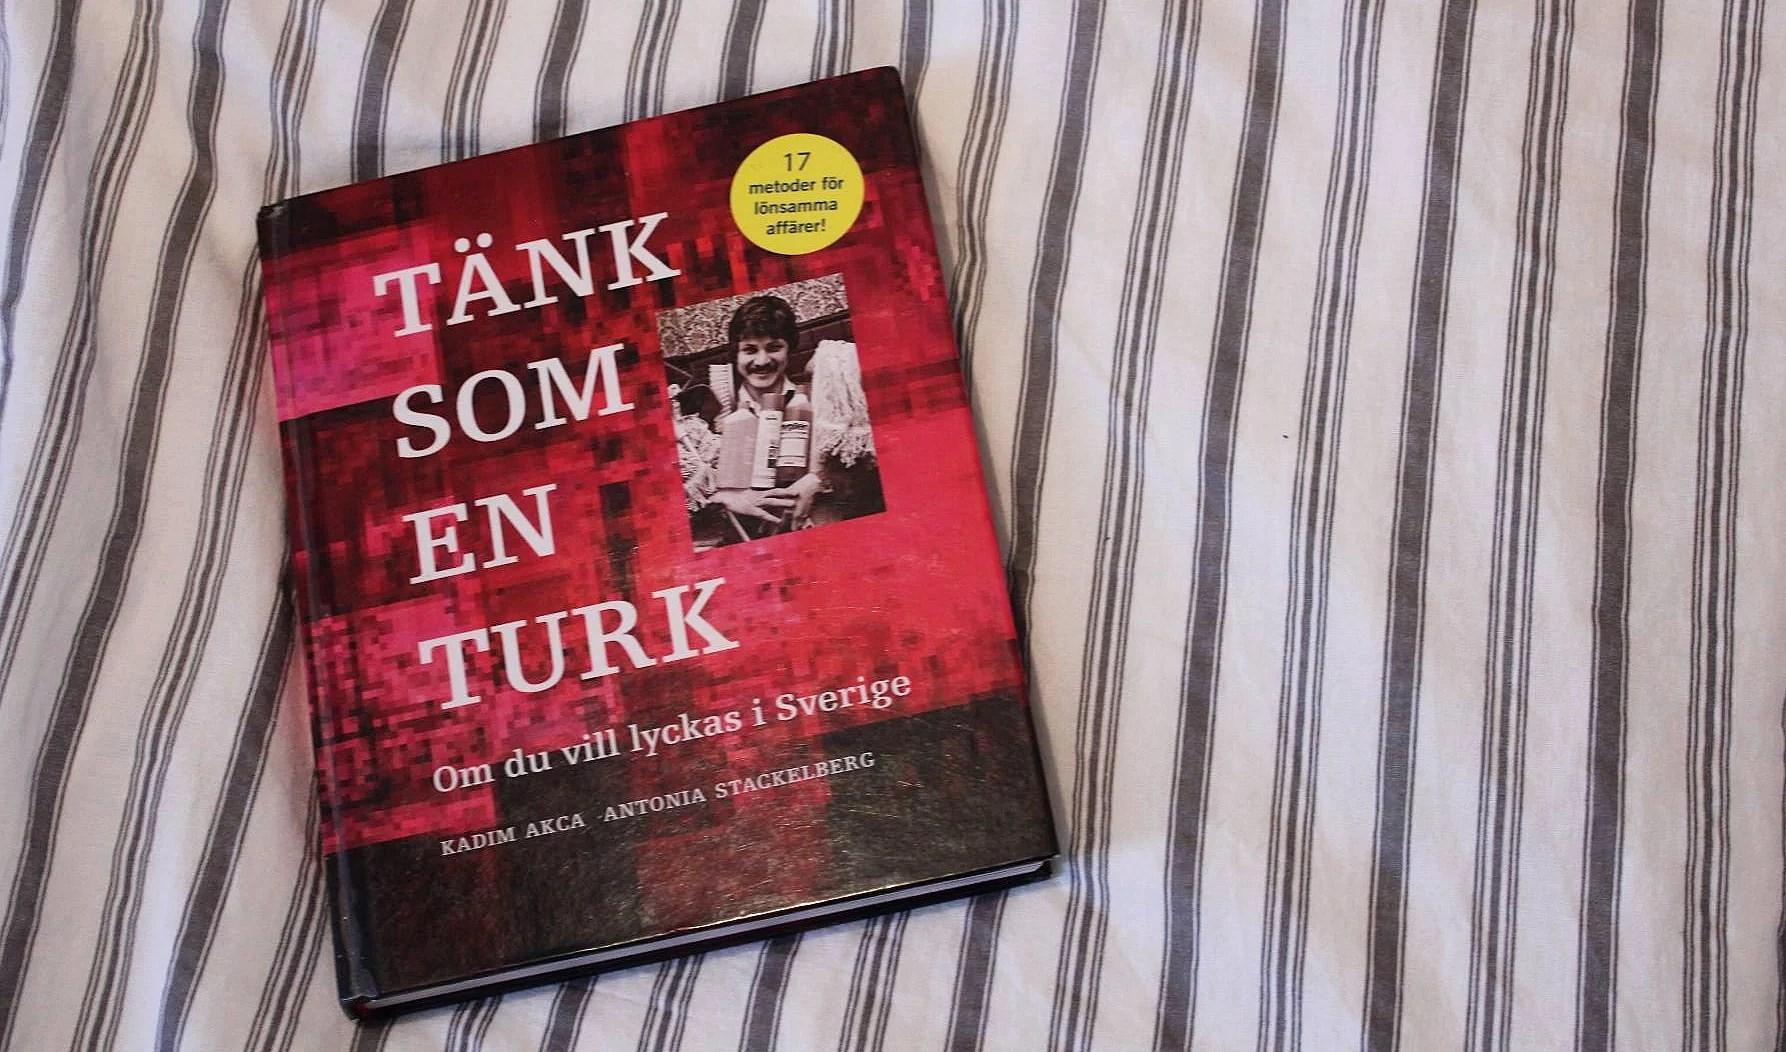 Recension: Tänk som en turk om du vill lyckas i Sverige